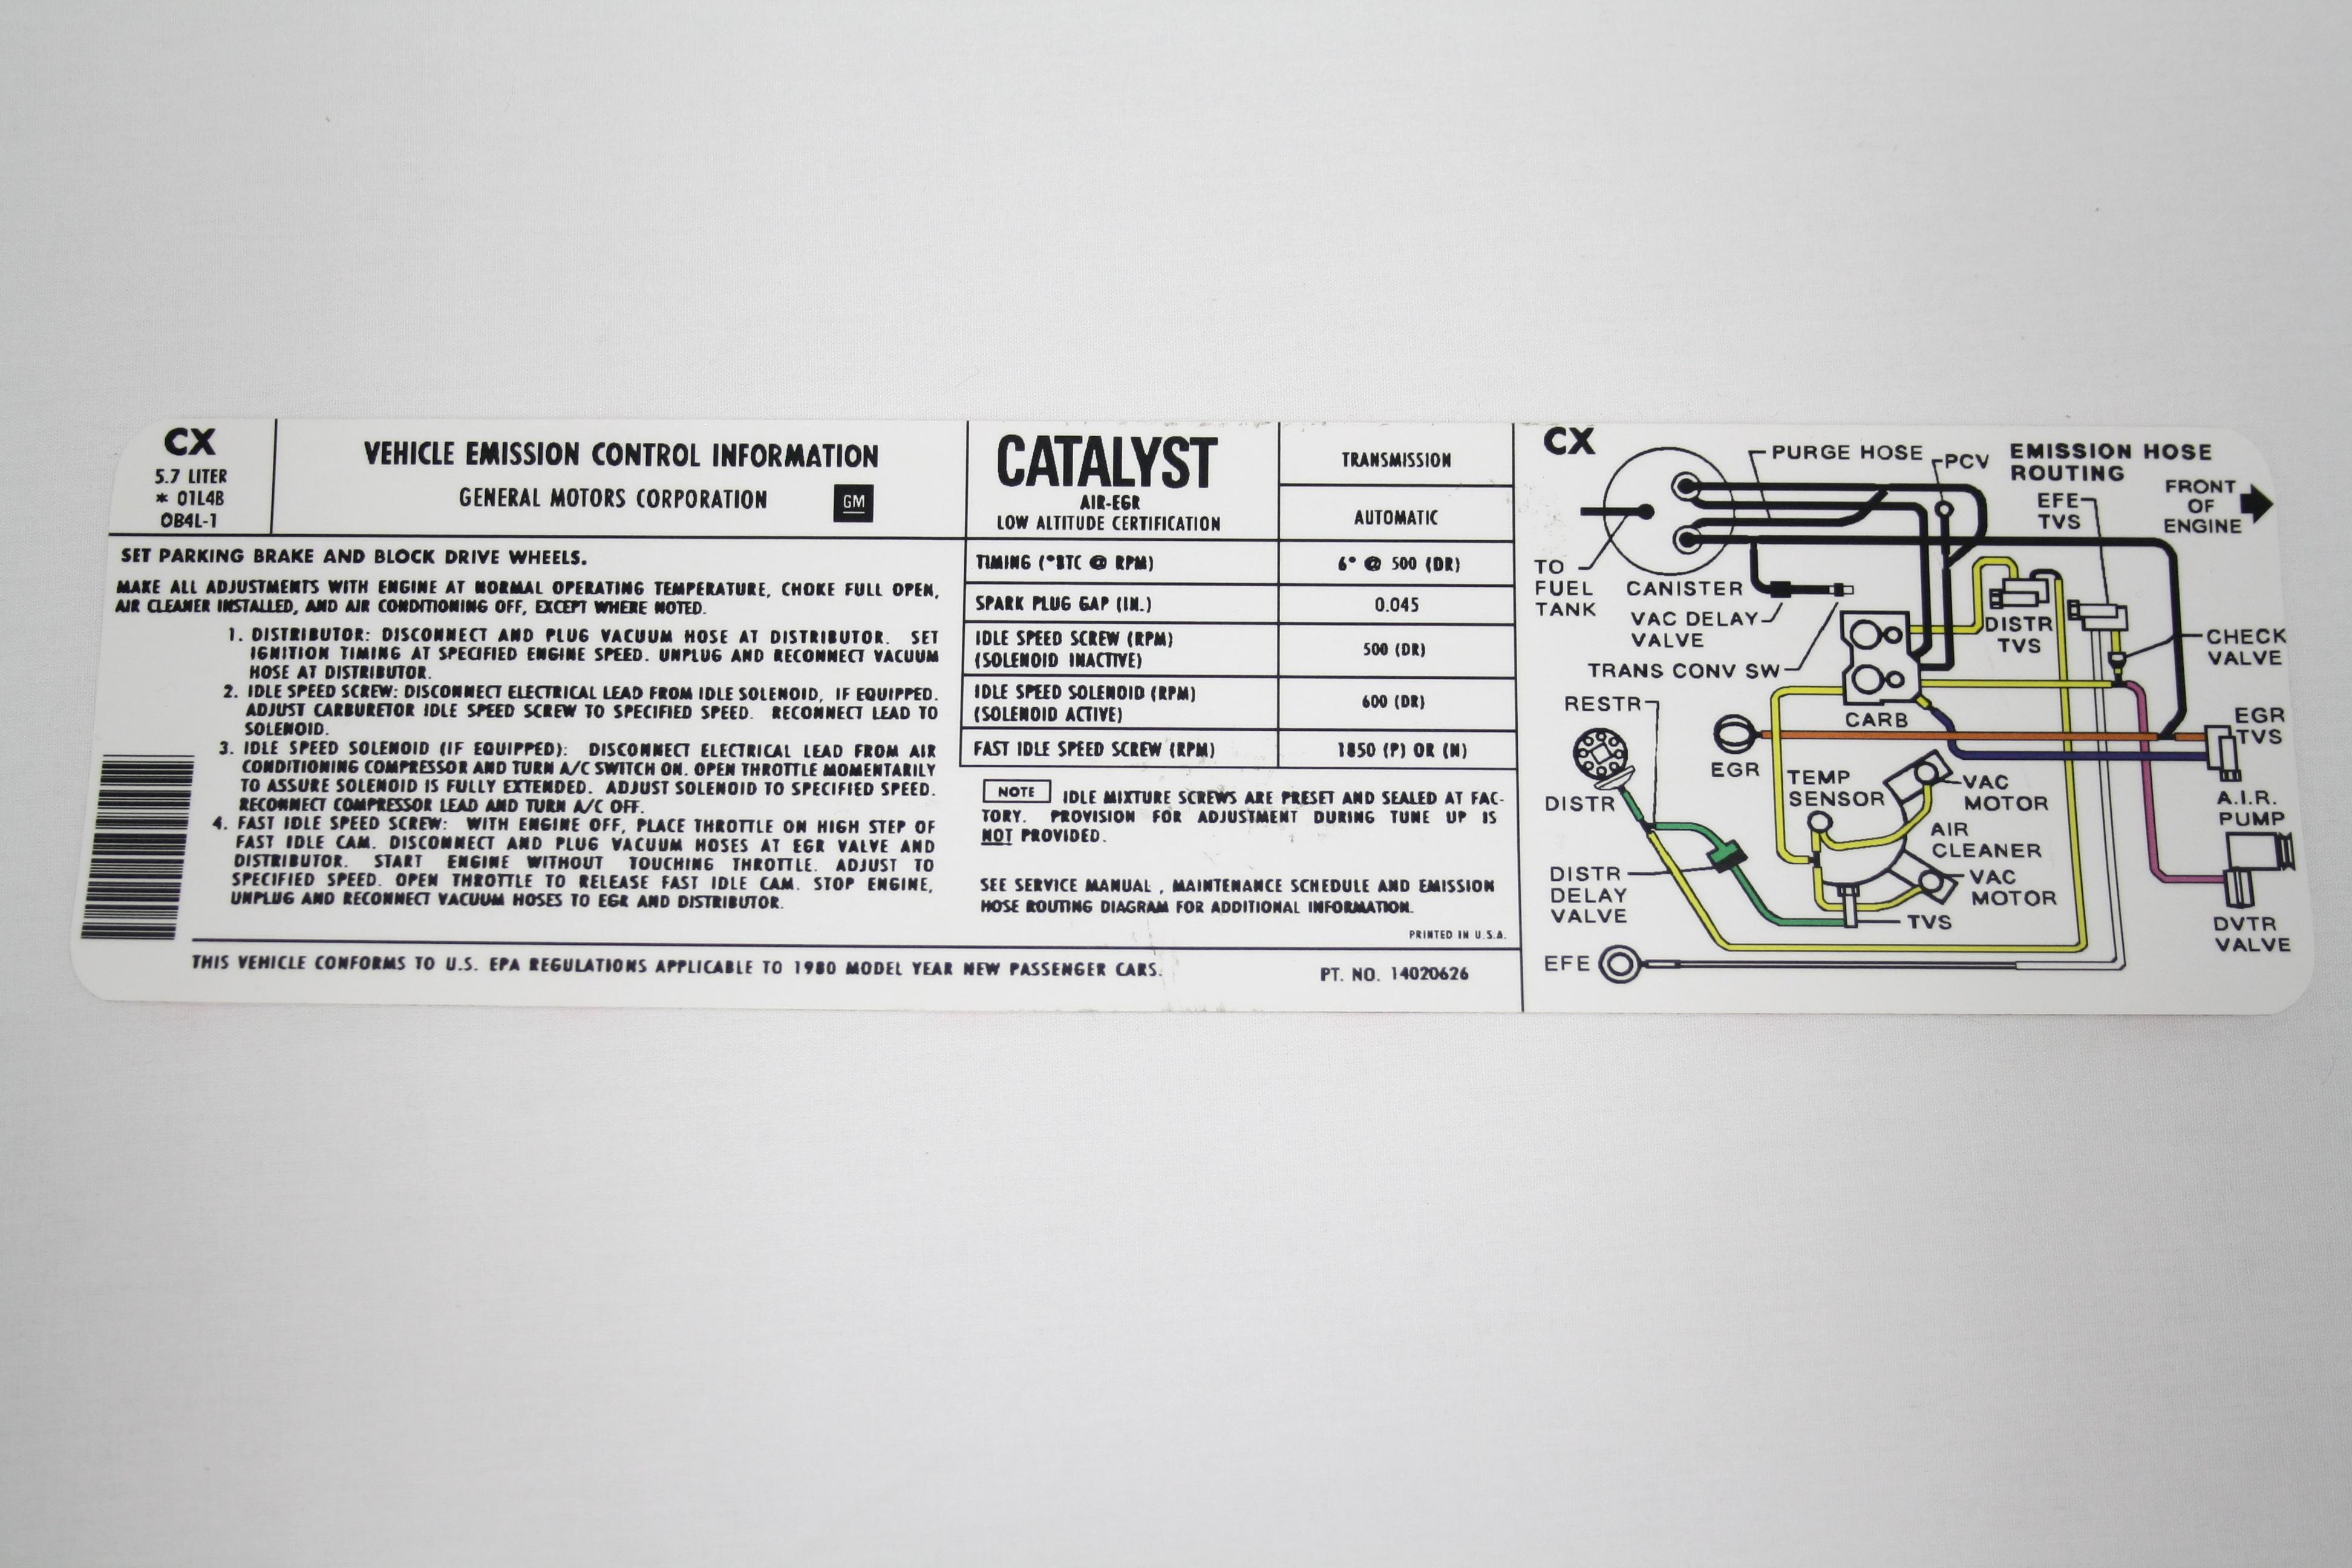 keen corvette parts diagrams 1969 350 Engine Specs